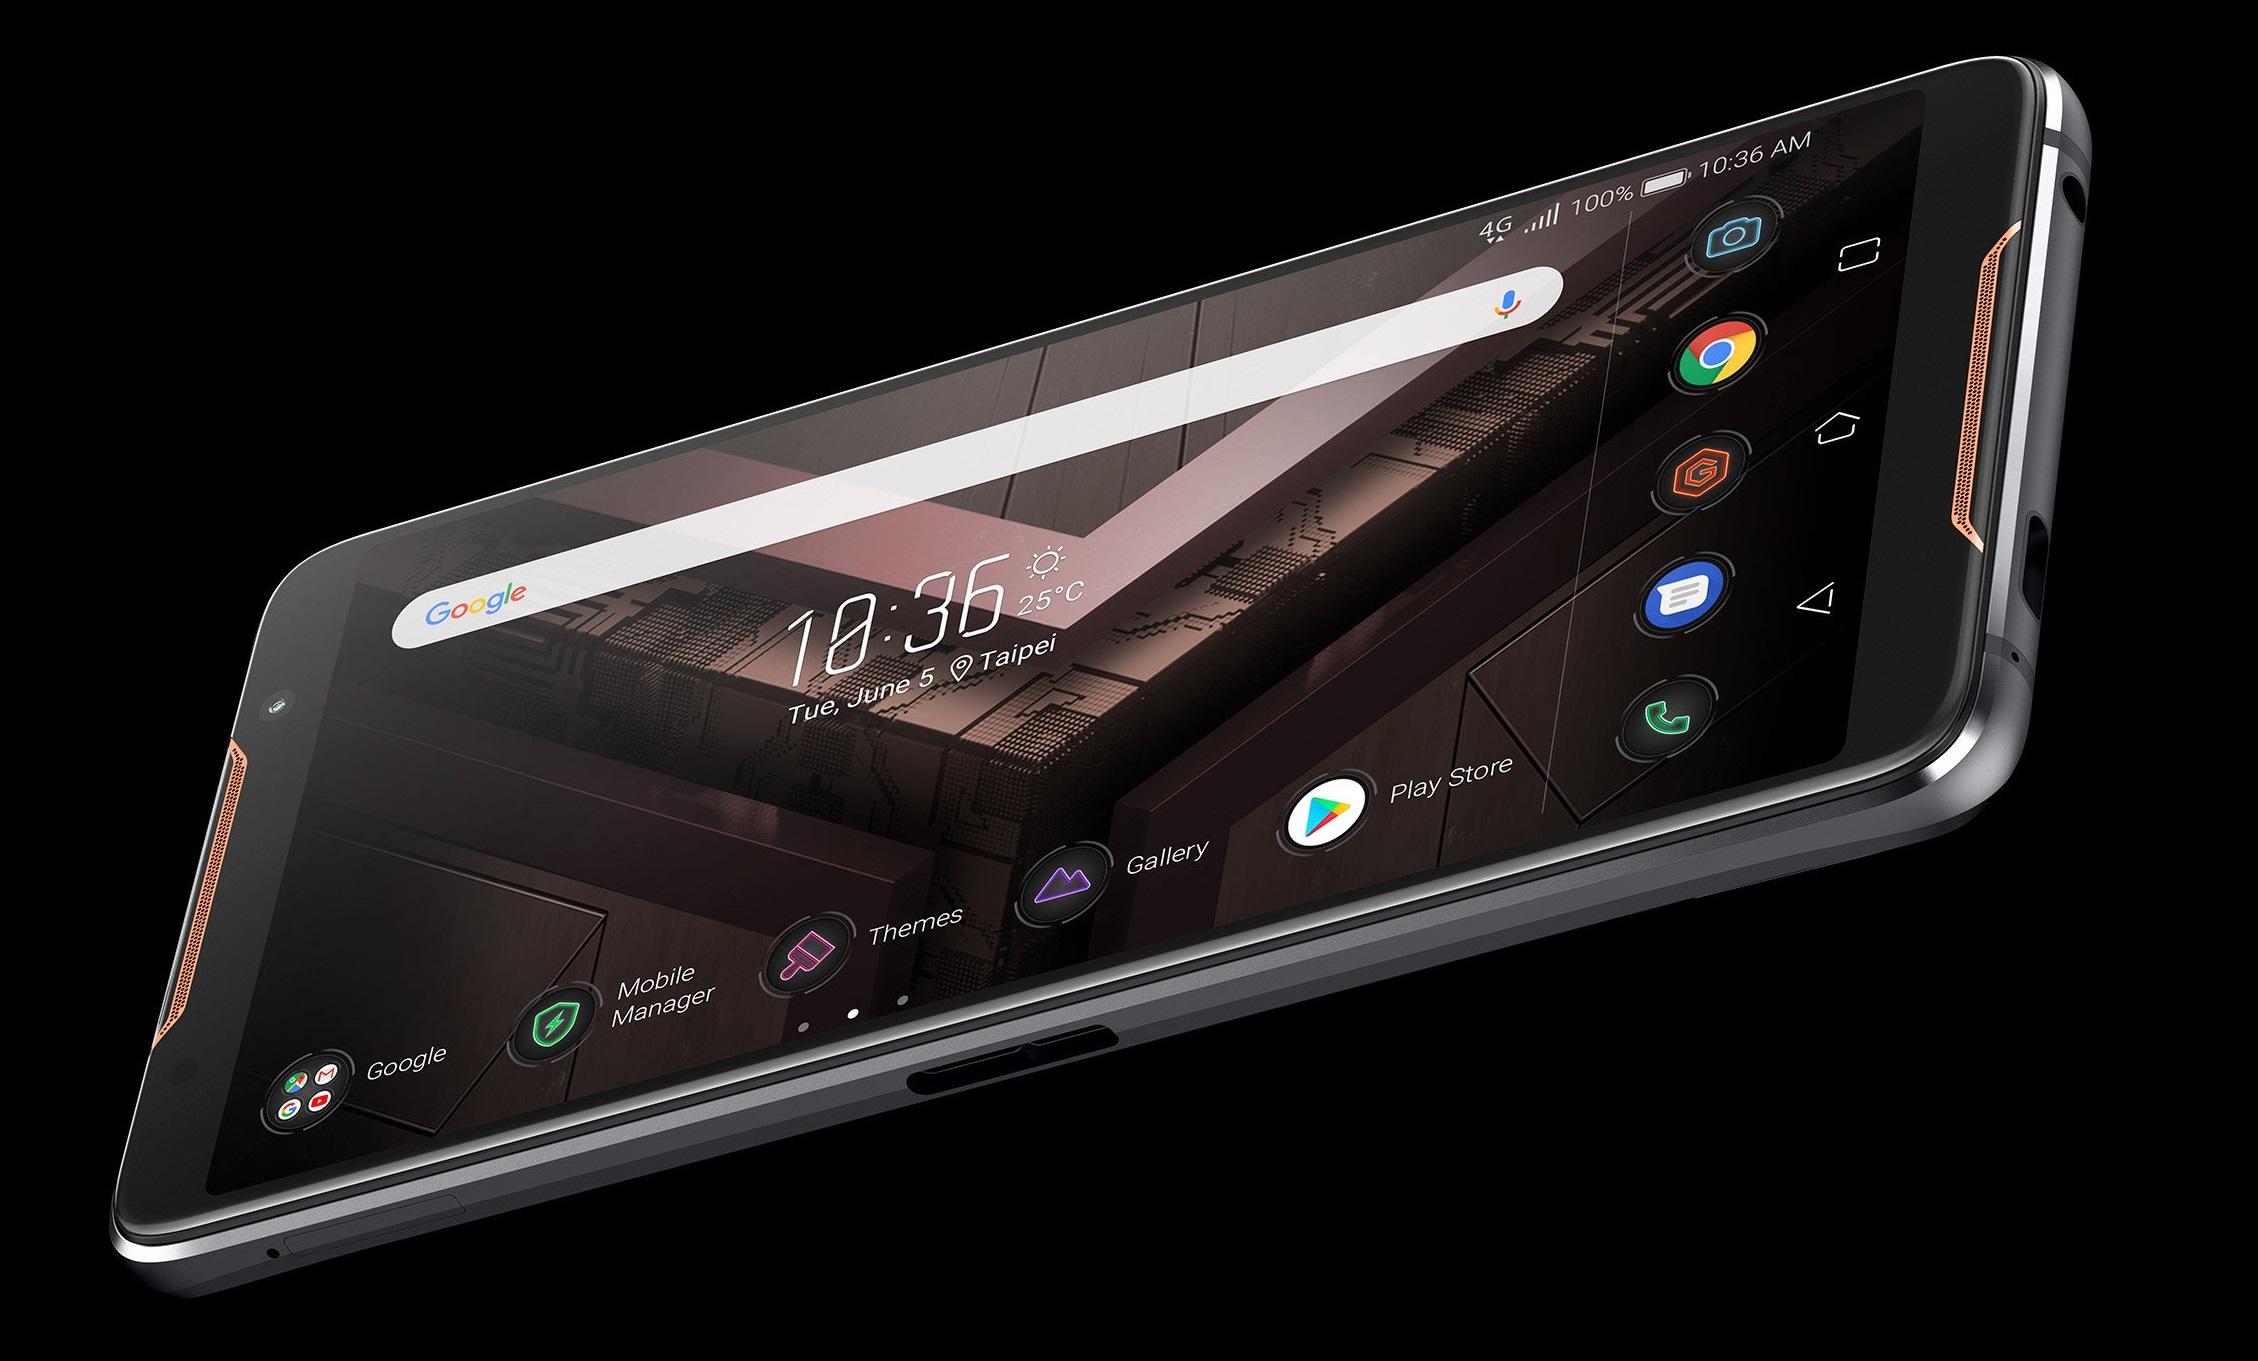 Официальный анонс игрового смартфона ASUS ROG Phone - изображение